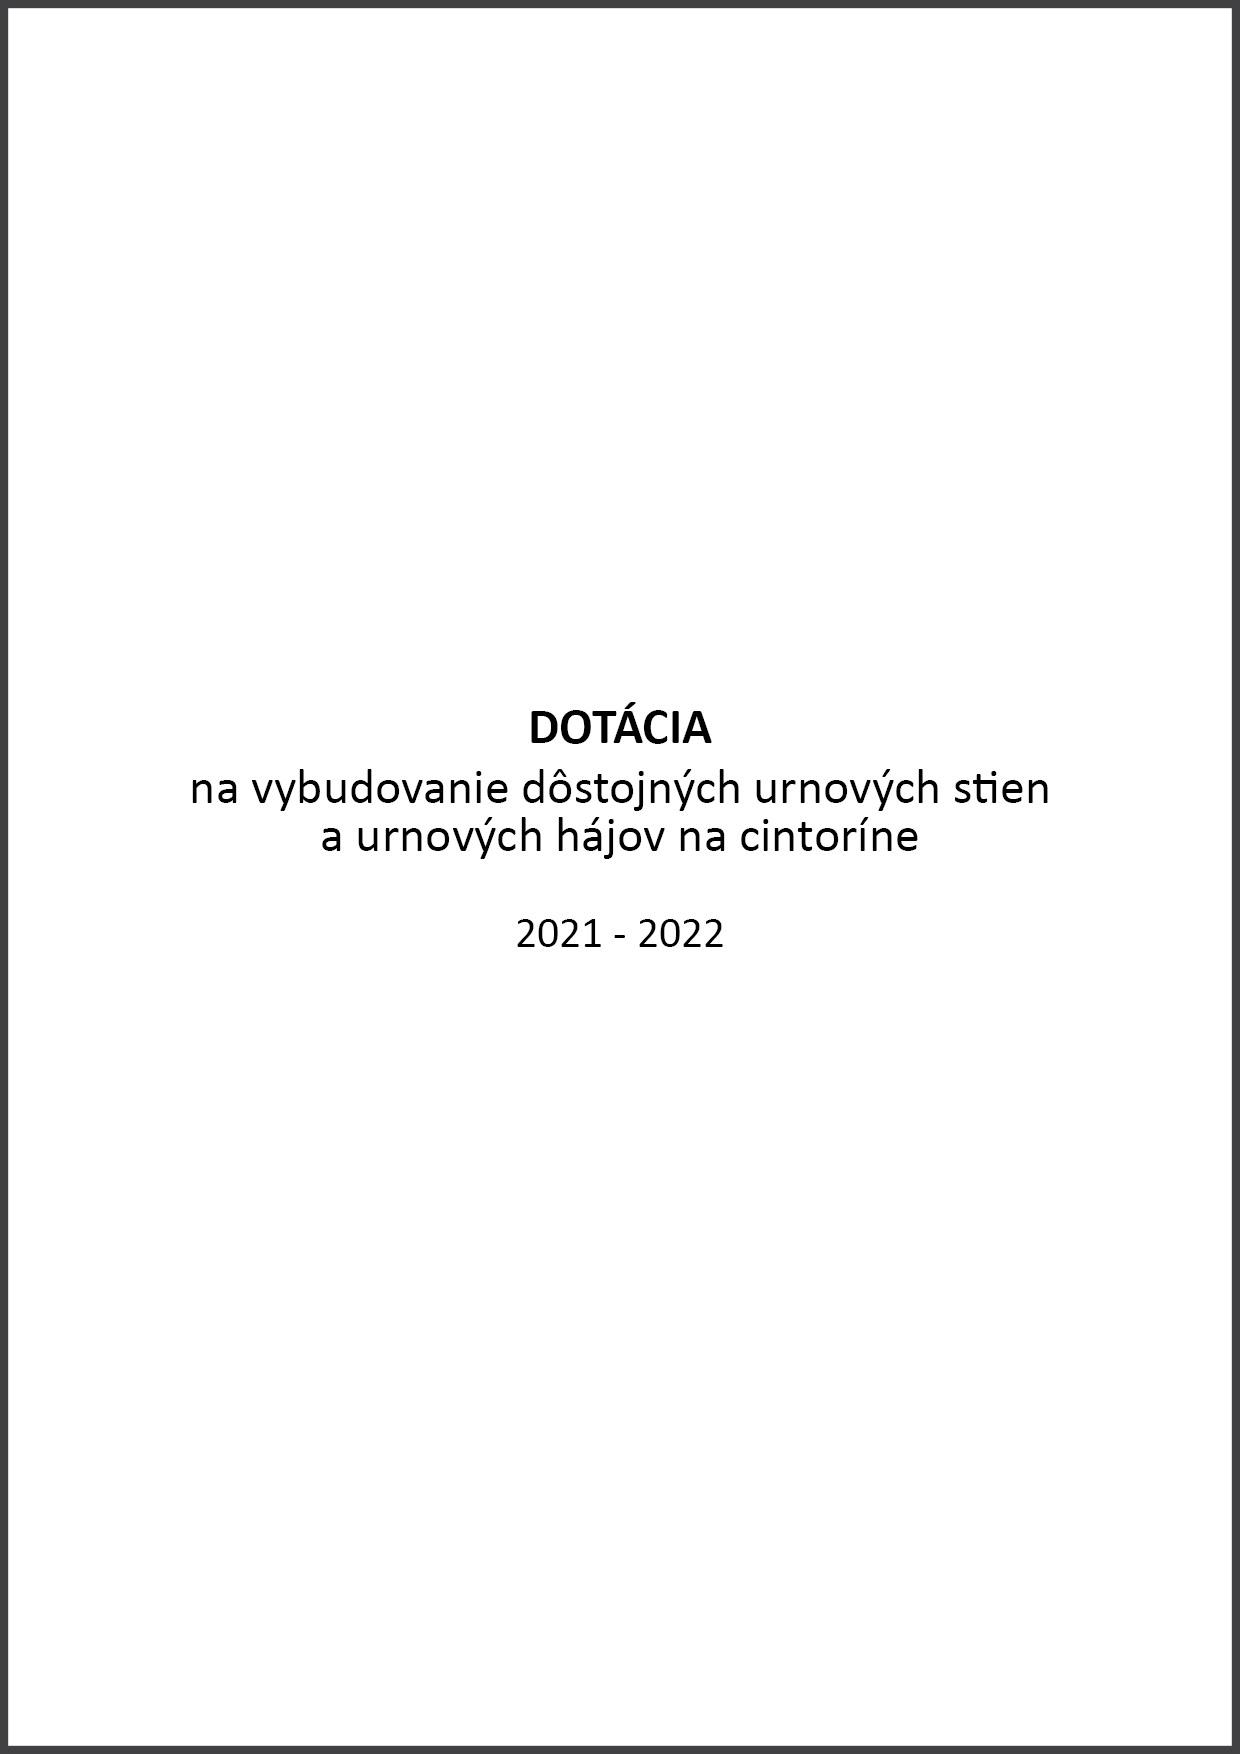 MODUAL_DOTACIA_A4